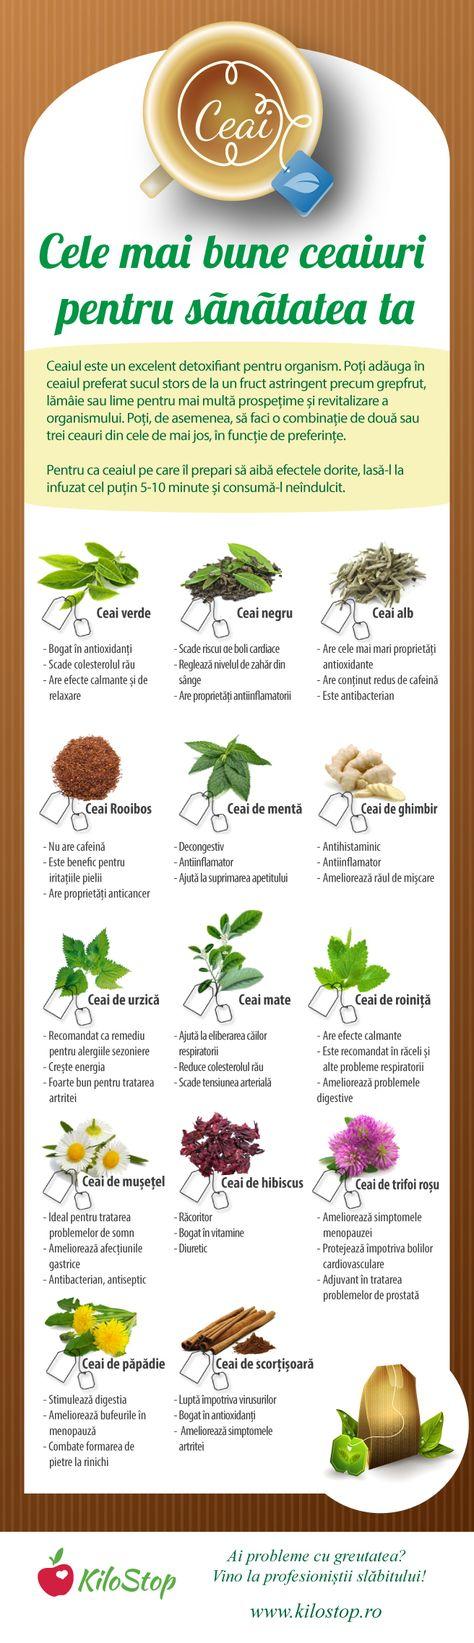 Blog Faunus Plant - Ce beneficii și utilizări au remediile din plante cu efect diuretic?